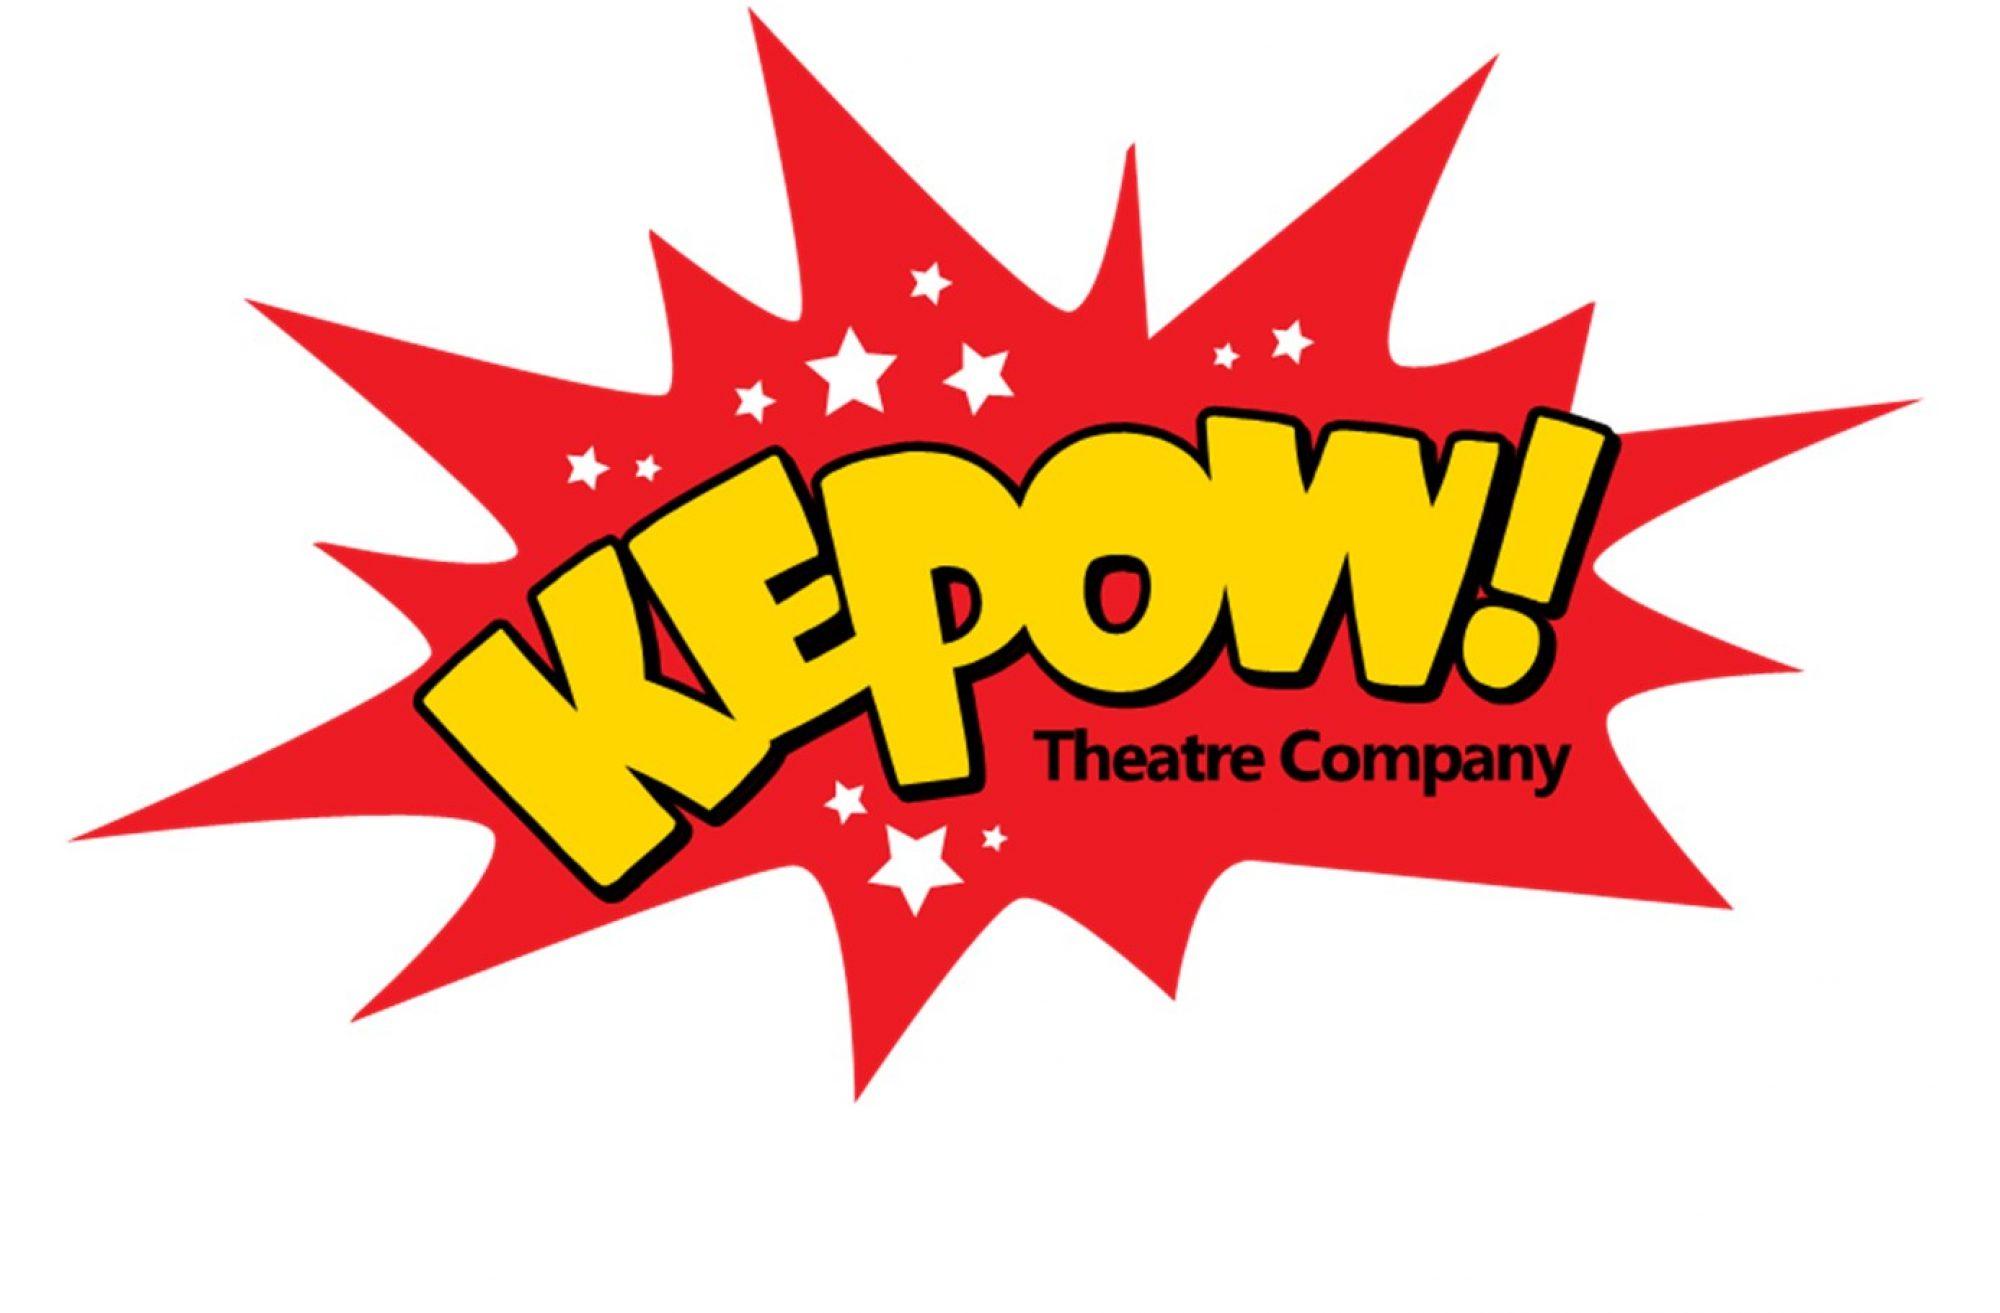 Kepow Theatre Company